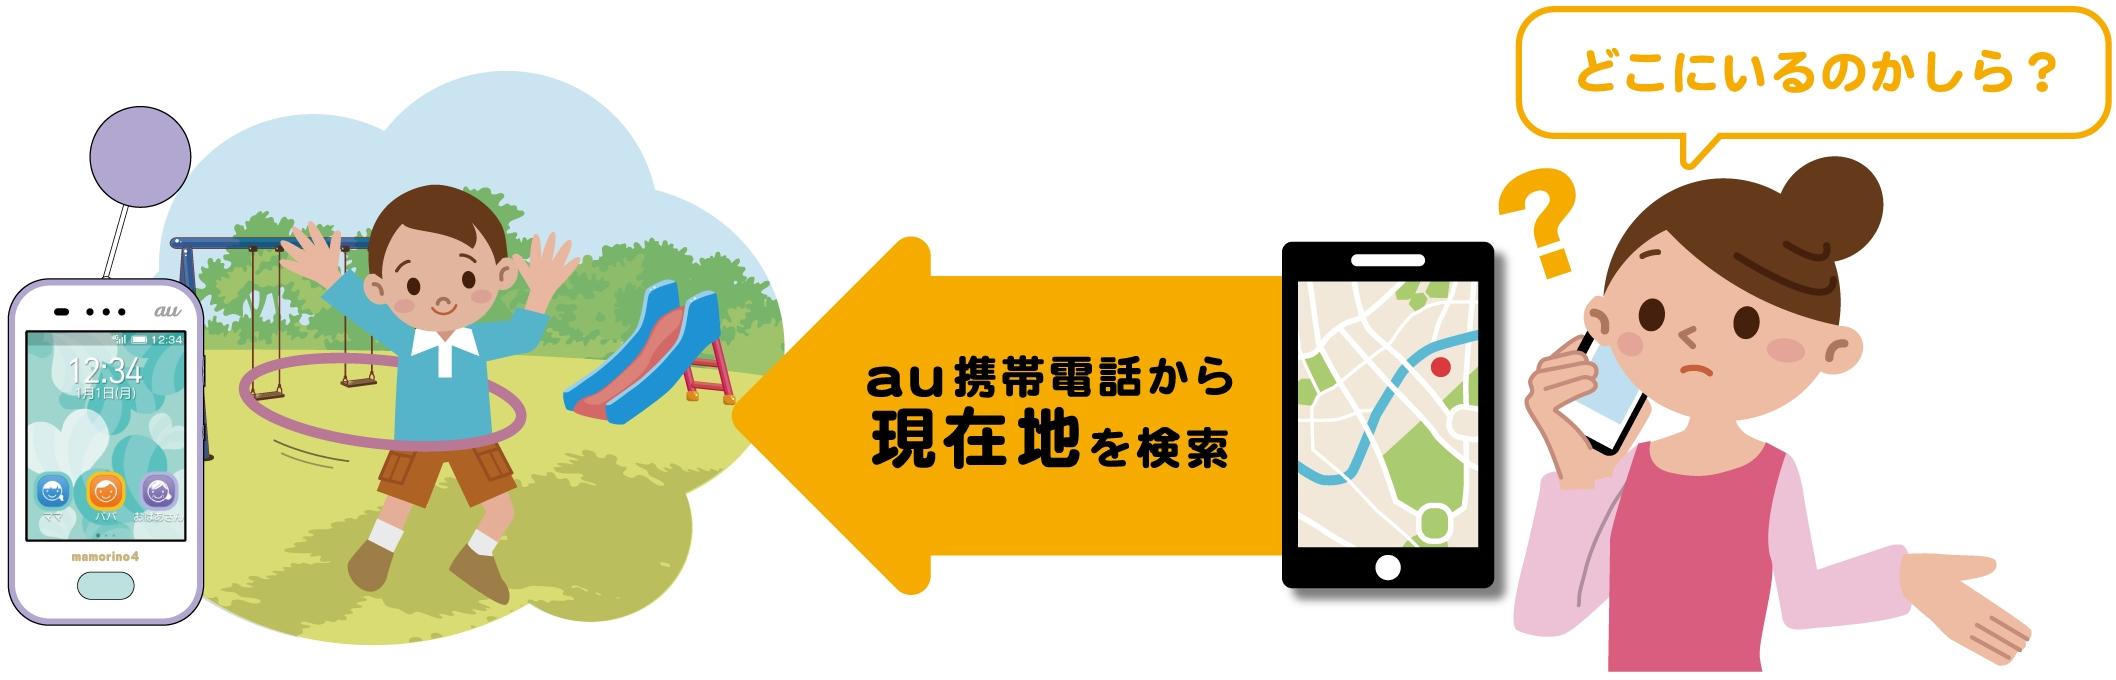 いつでも保護者の方の携帯電話からお子さまの居場所を確認できます。また、連続即位により、お子さまの移動経路を検索できます。イメージ画像